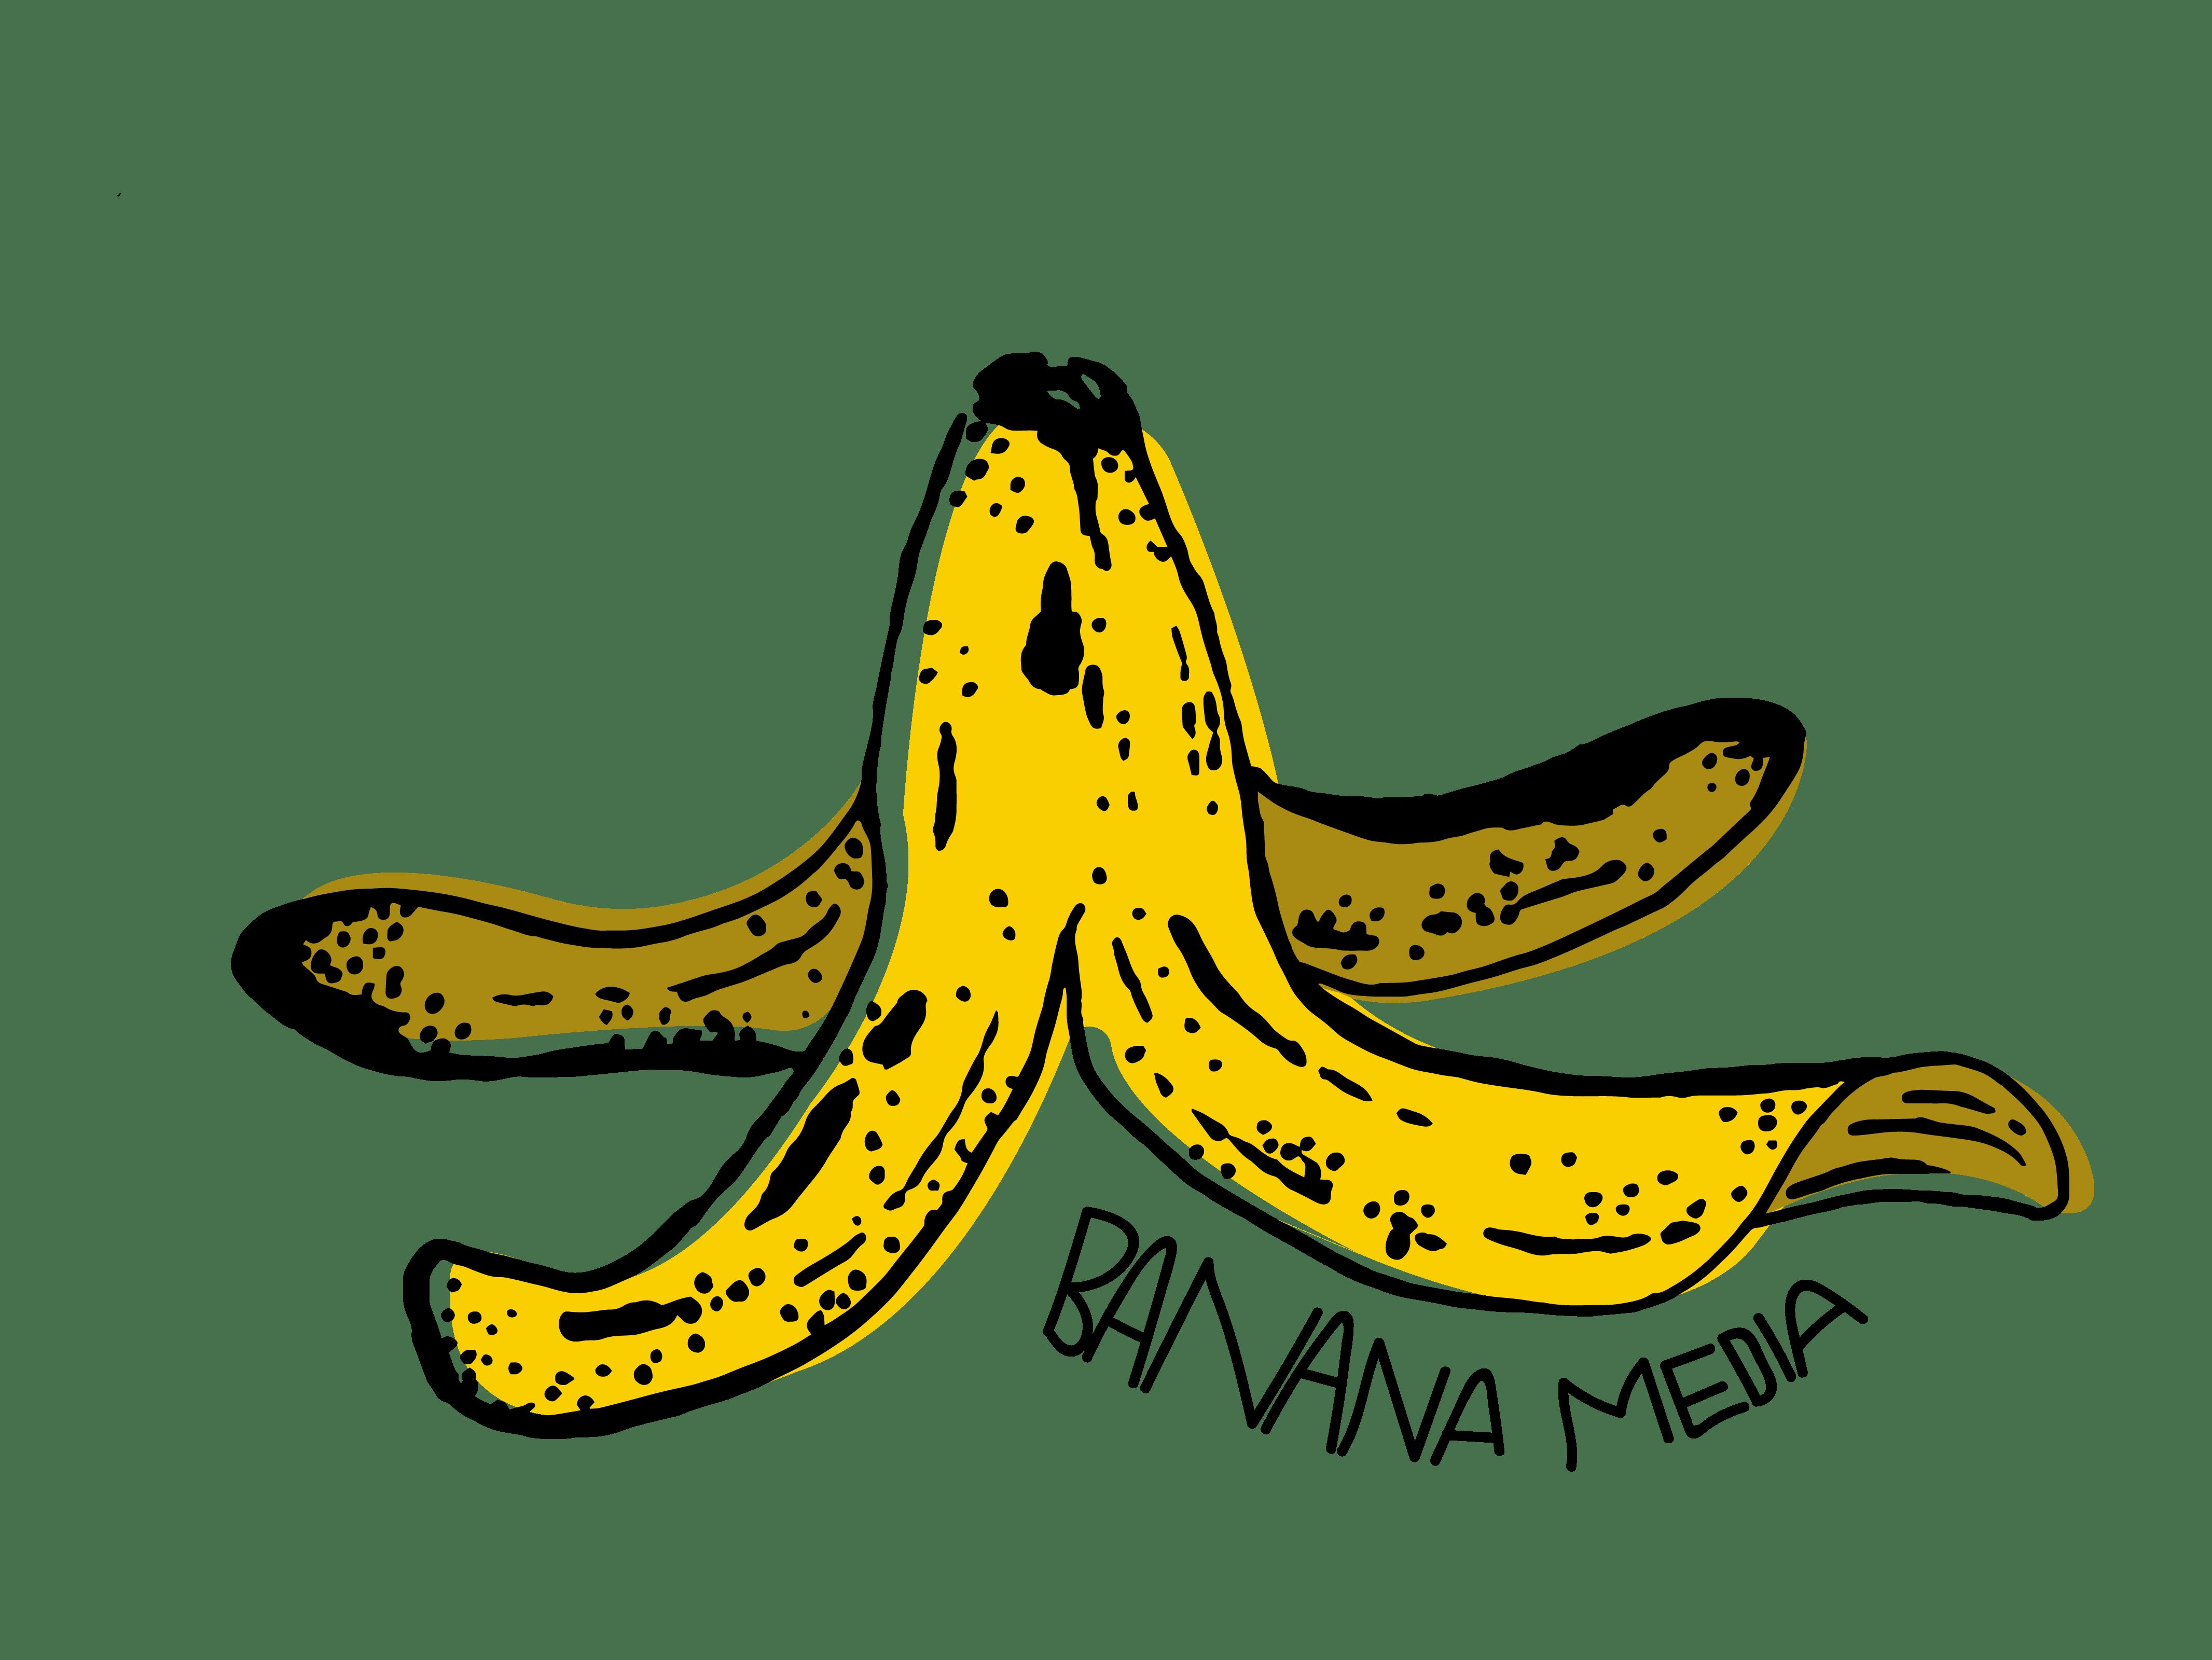 Banana Media